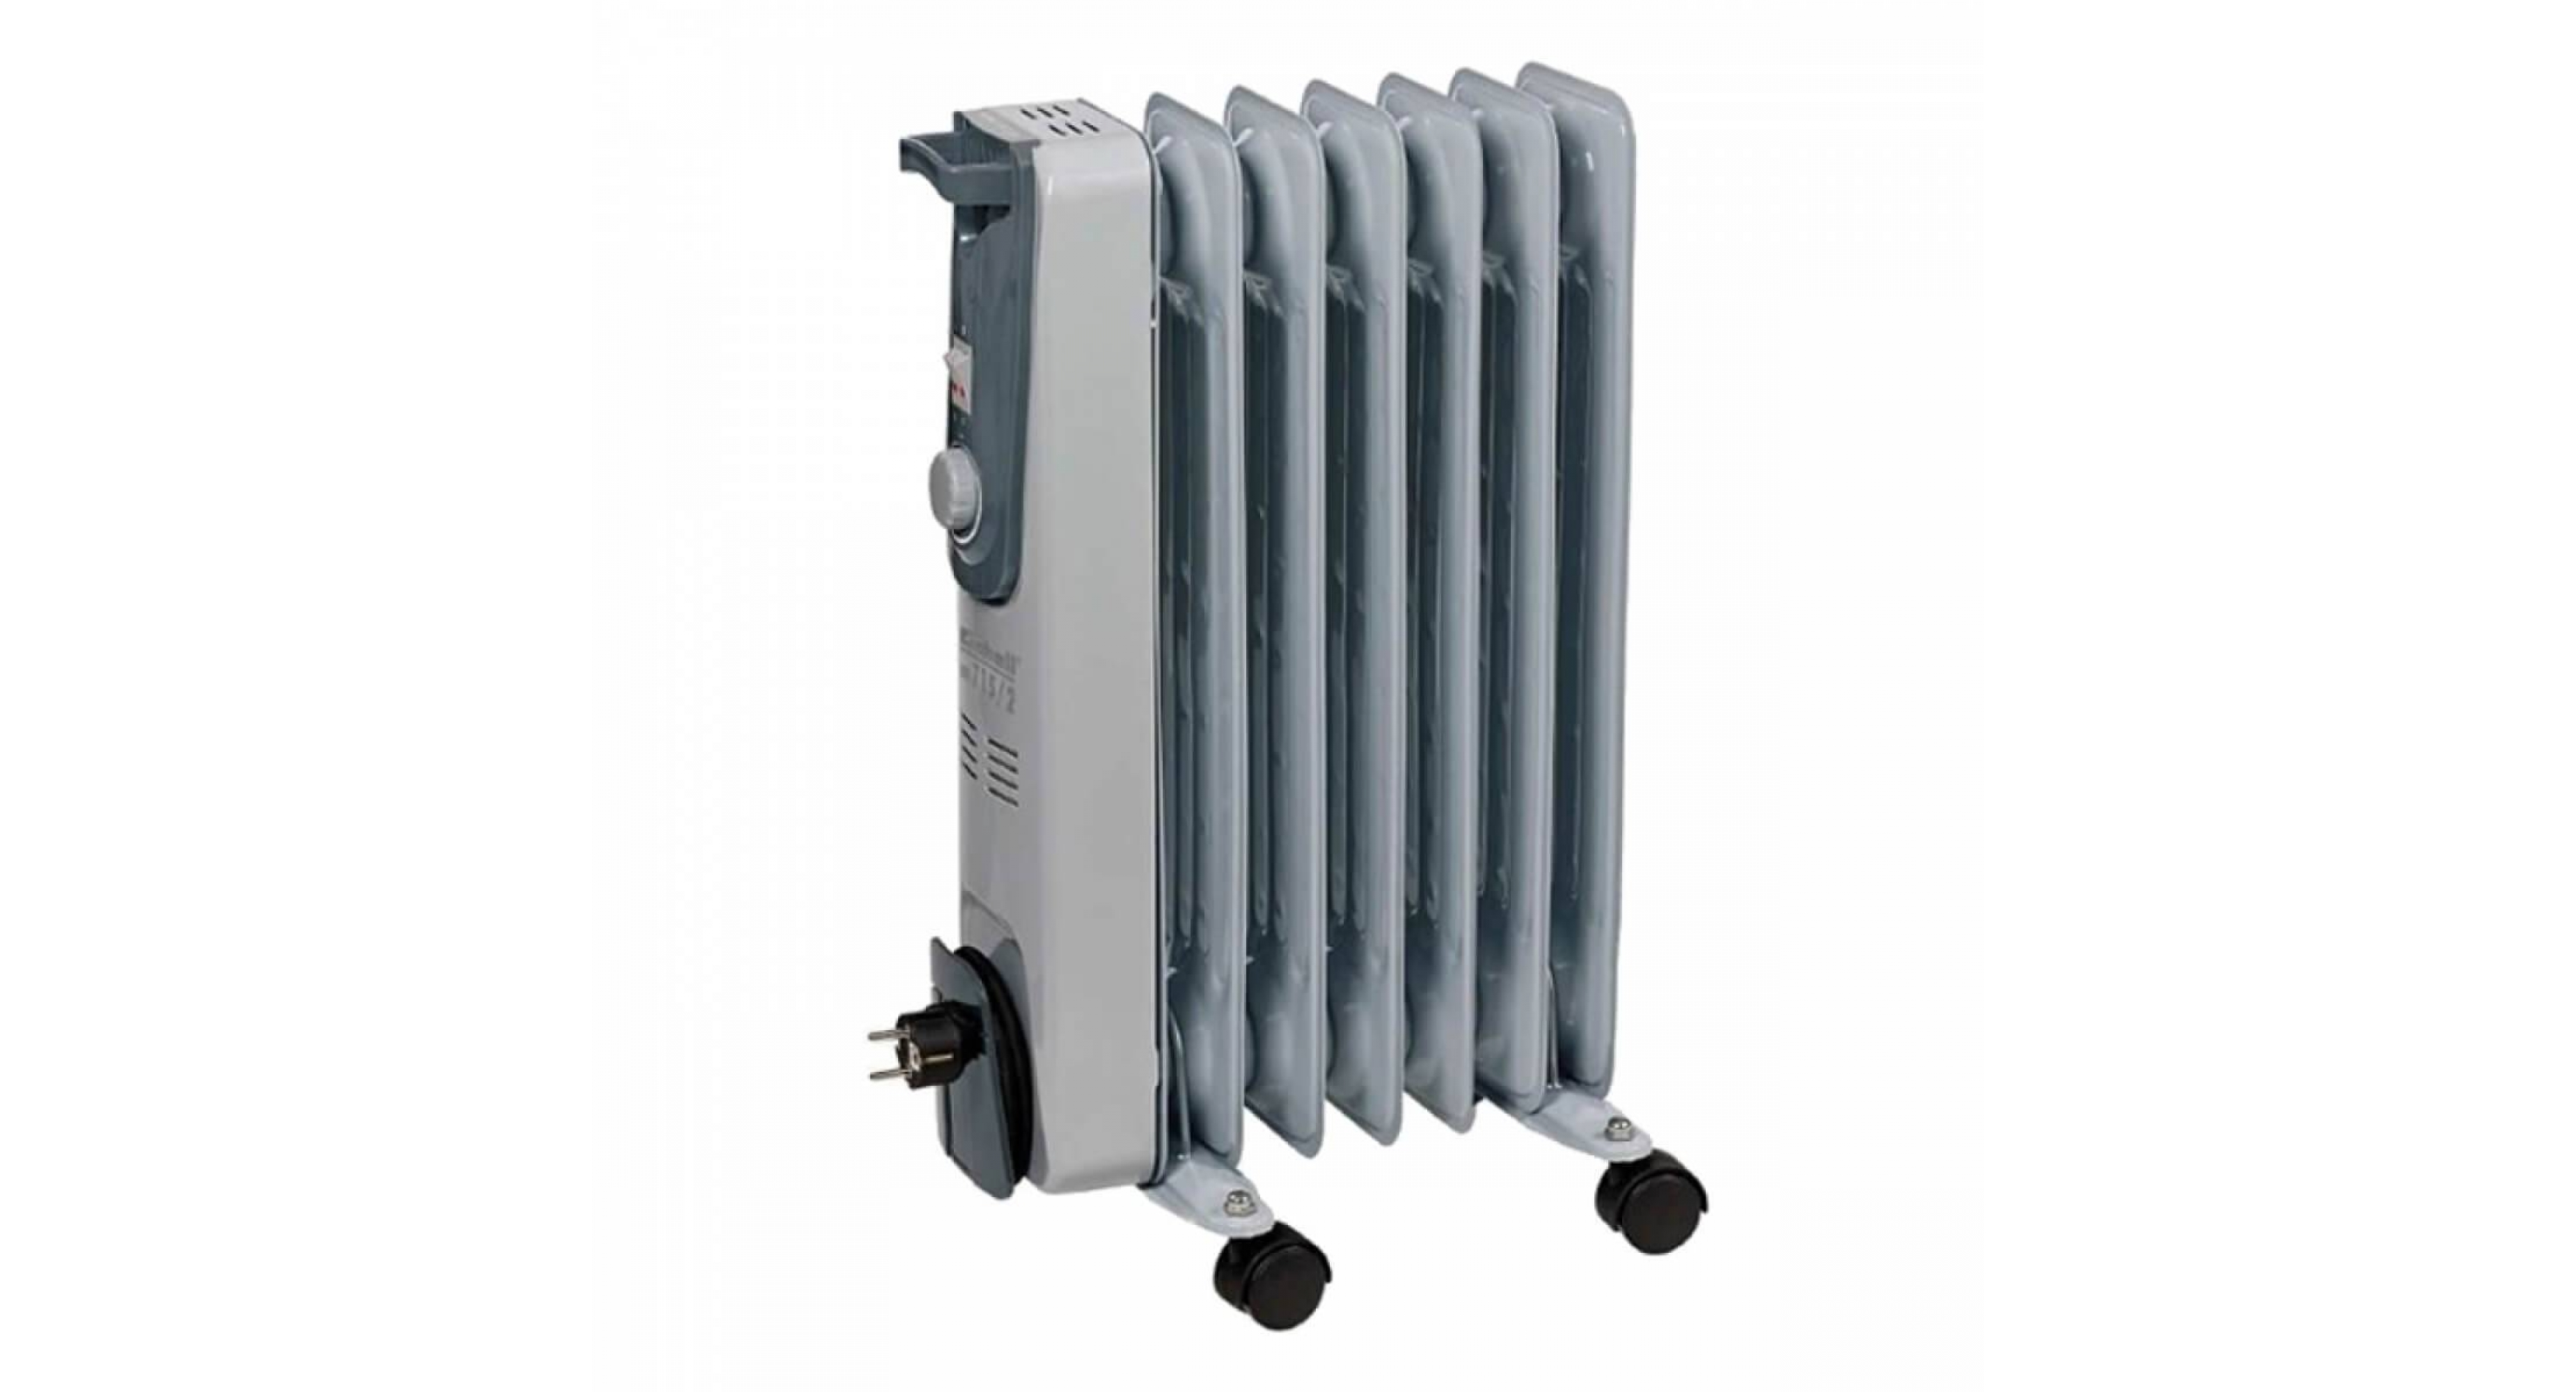 Масляные обогреватели для отопления дома, конструкция, характеристики, как выбрать